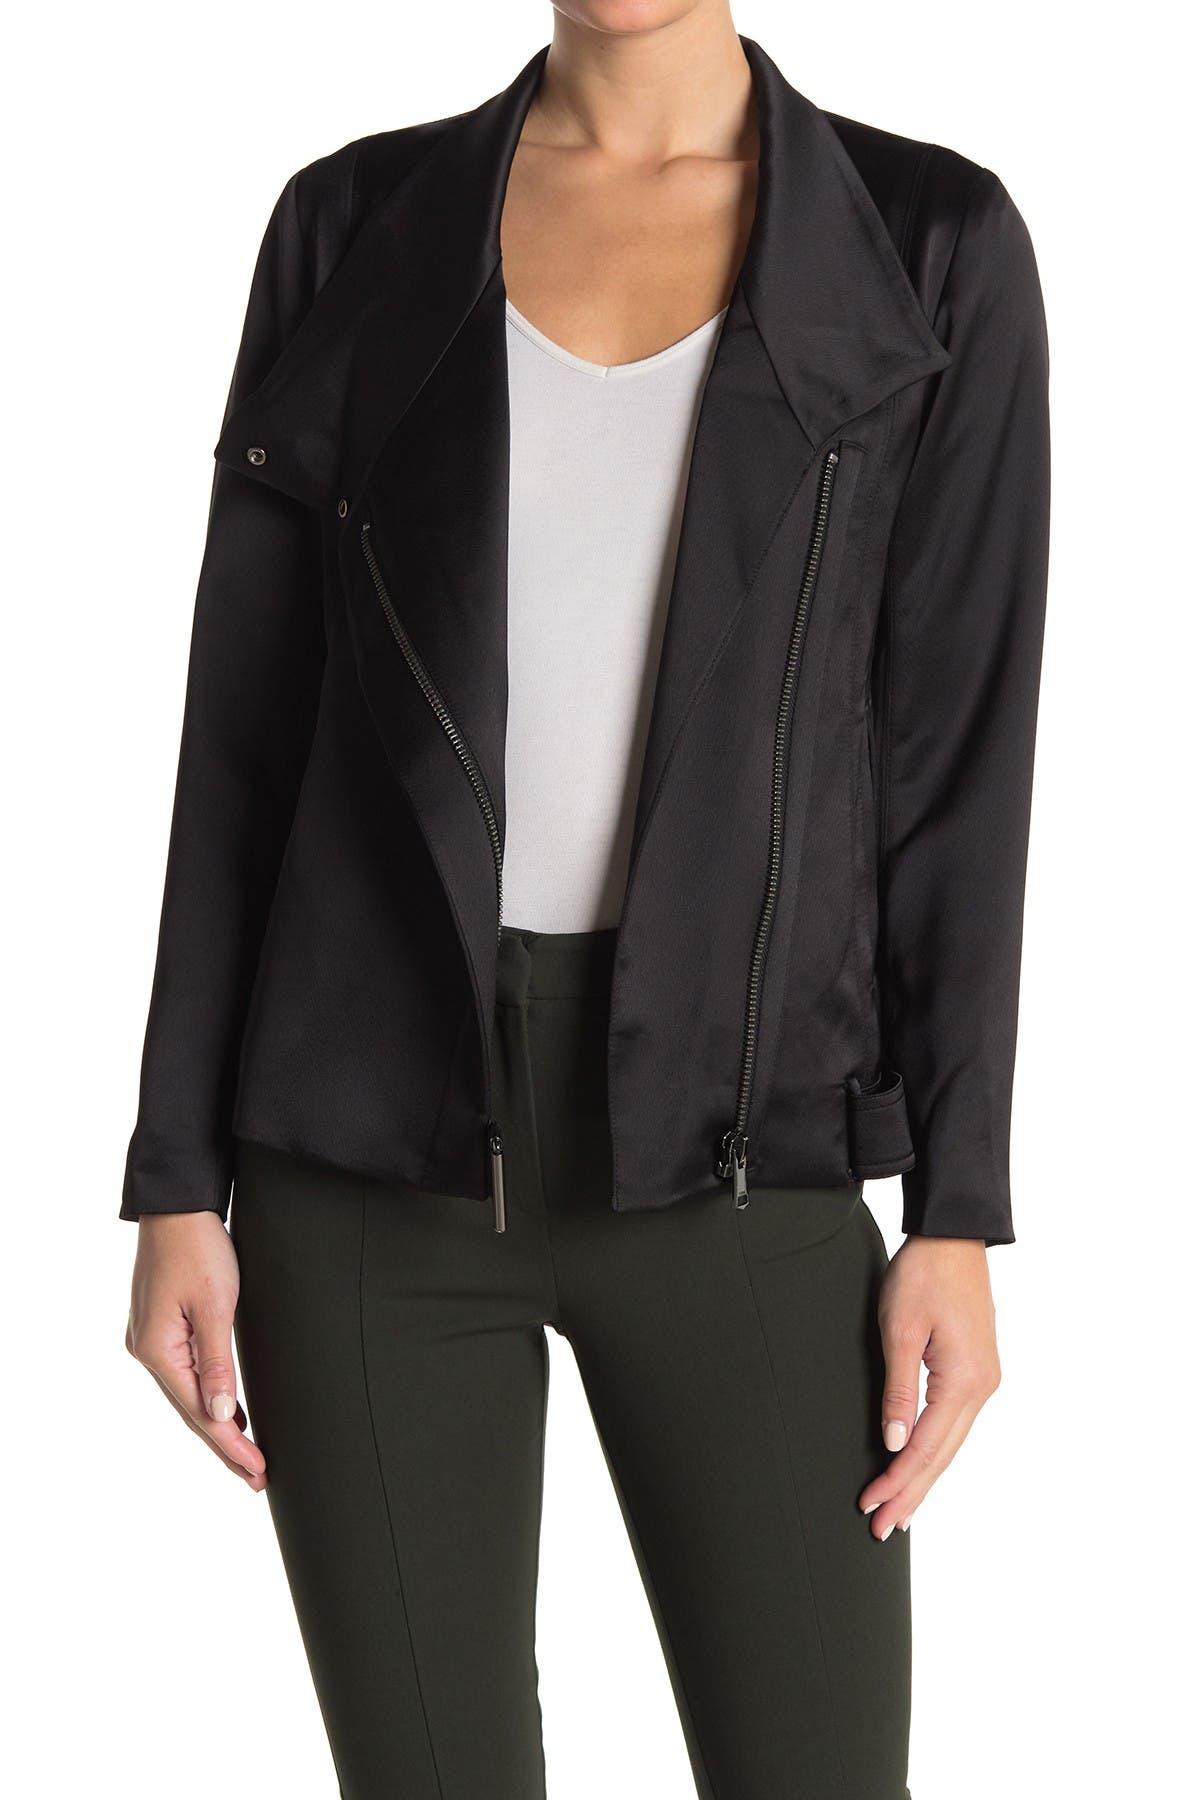 Image of REISS Harriet Soft Biker Jacket